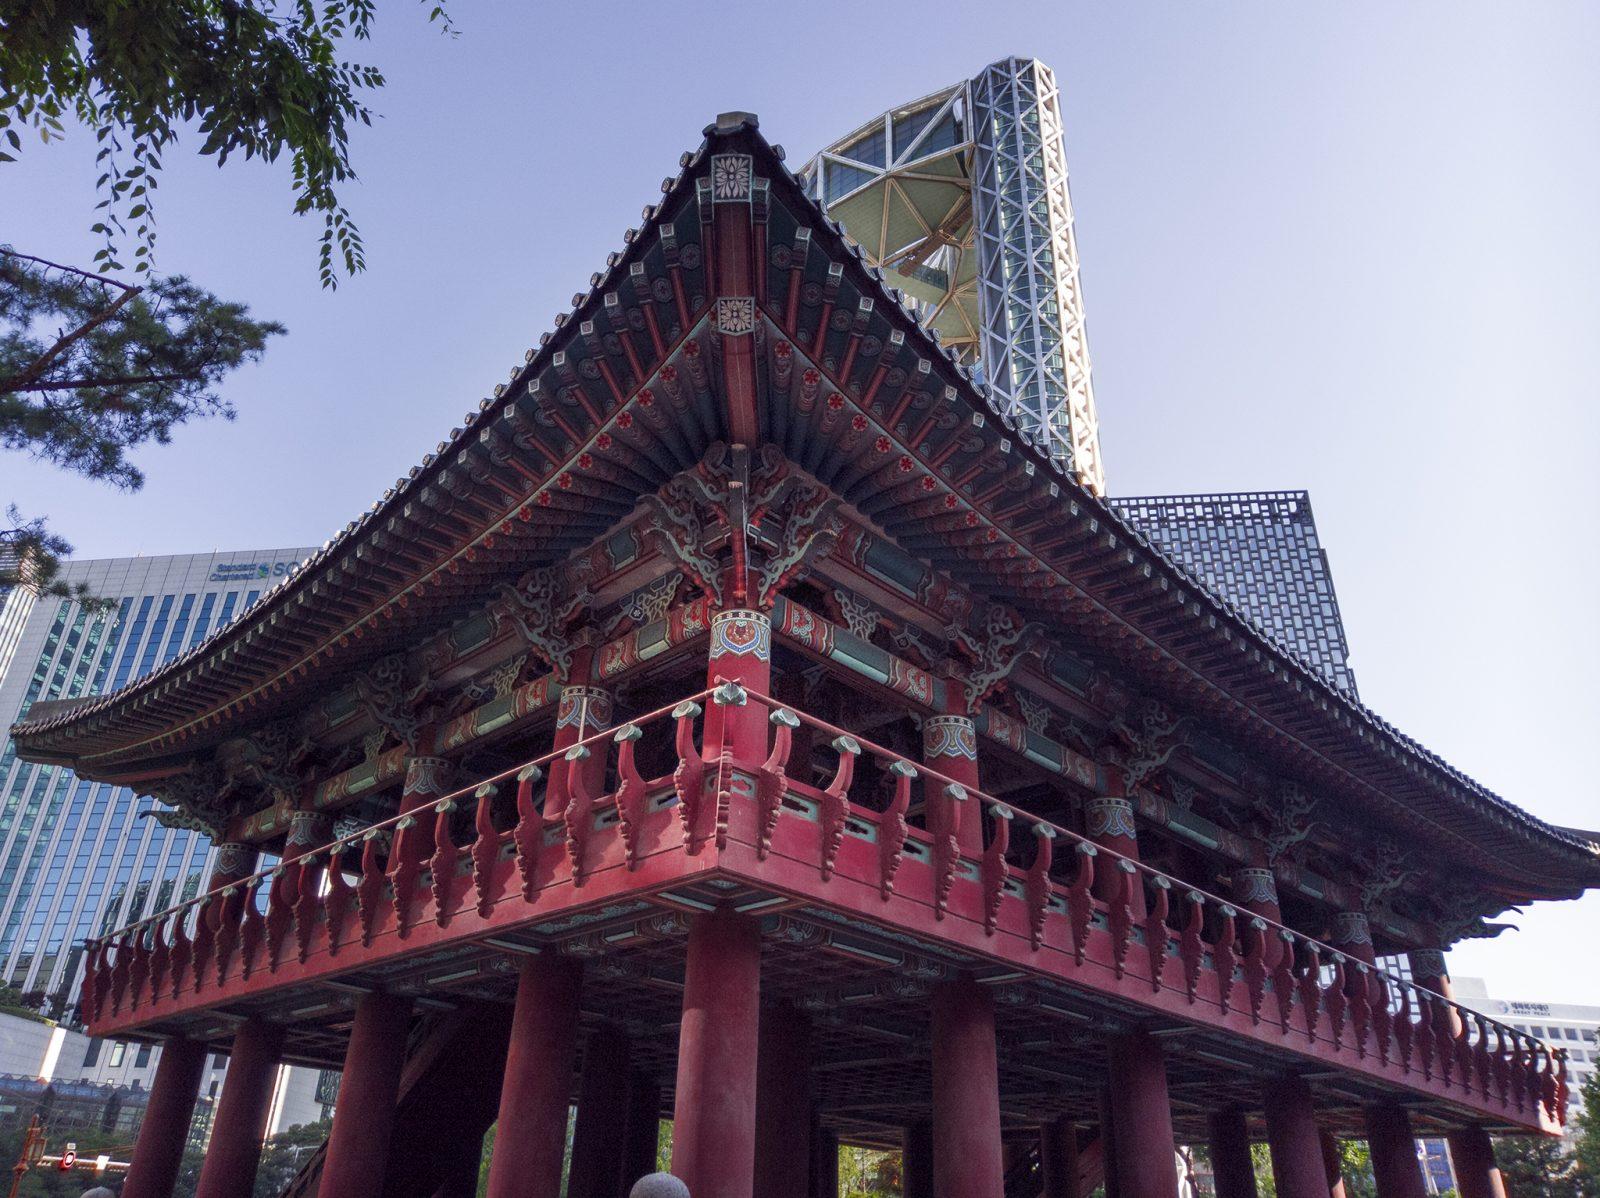 The Bosingak bell tower